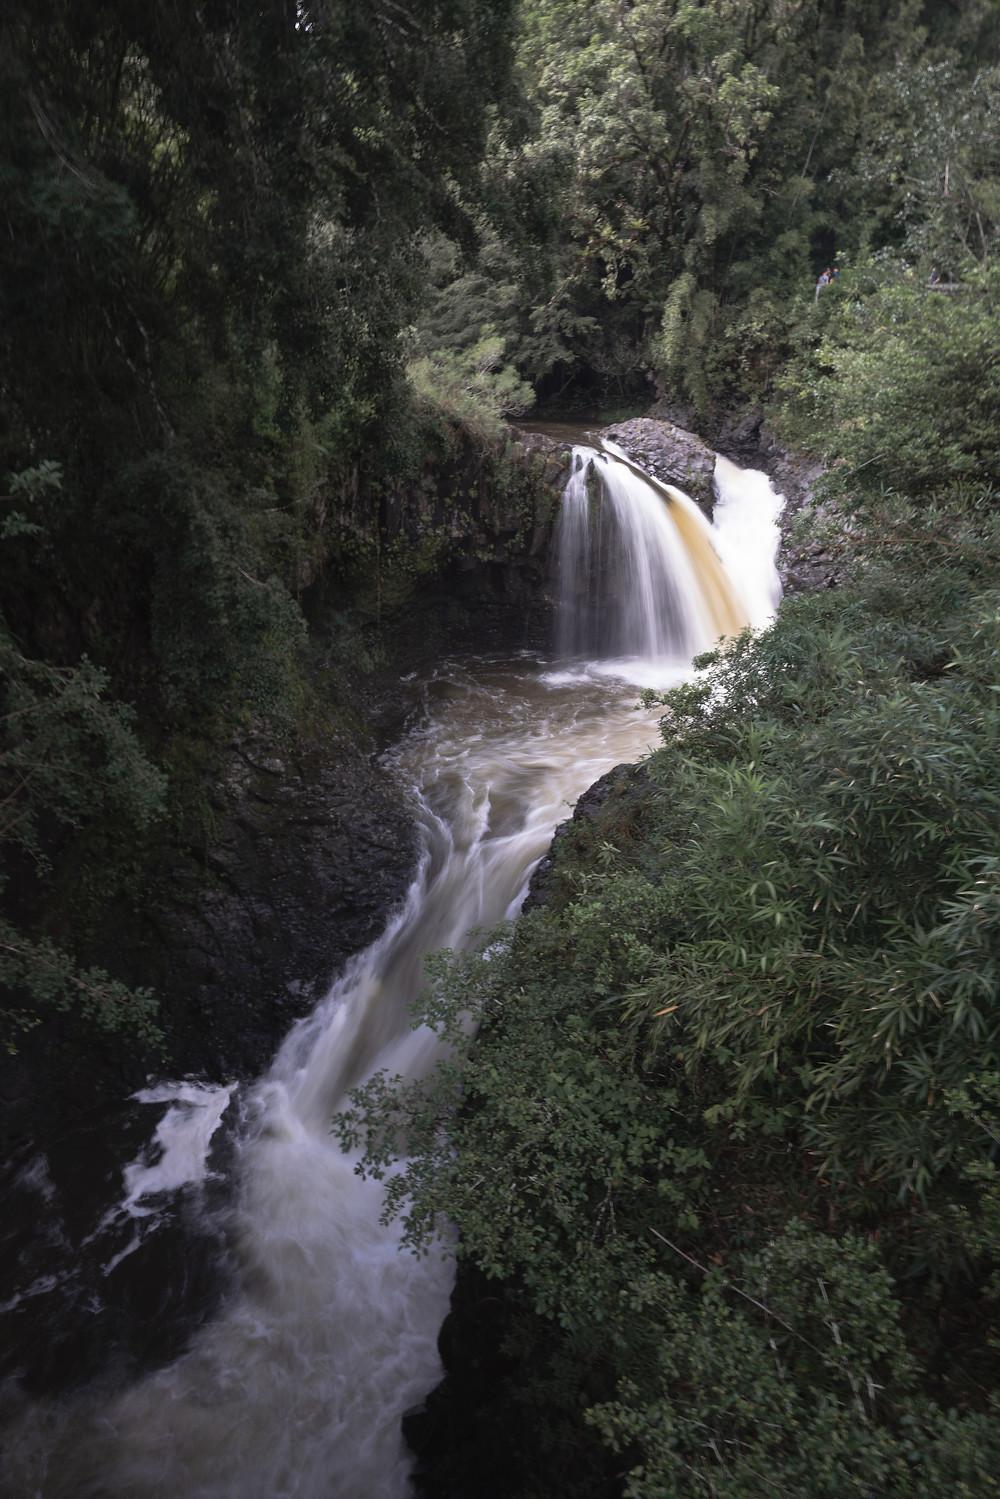 Waterfalls in the Hawaii jungle